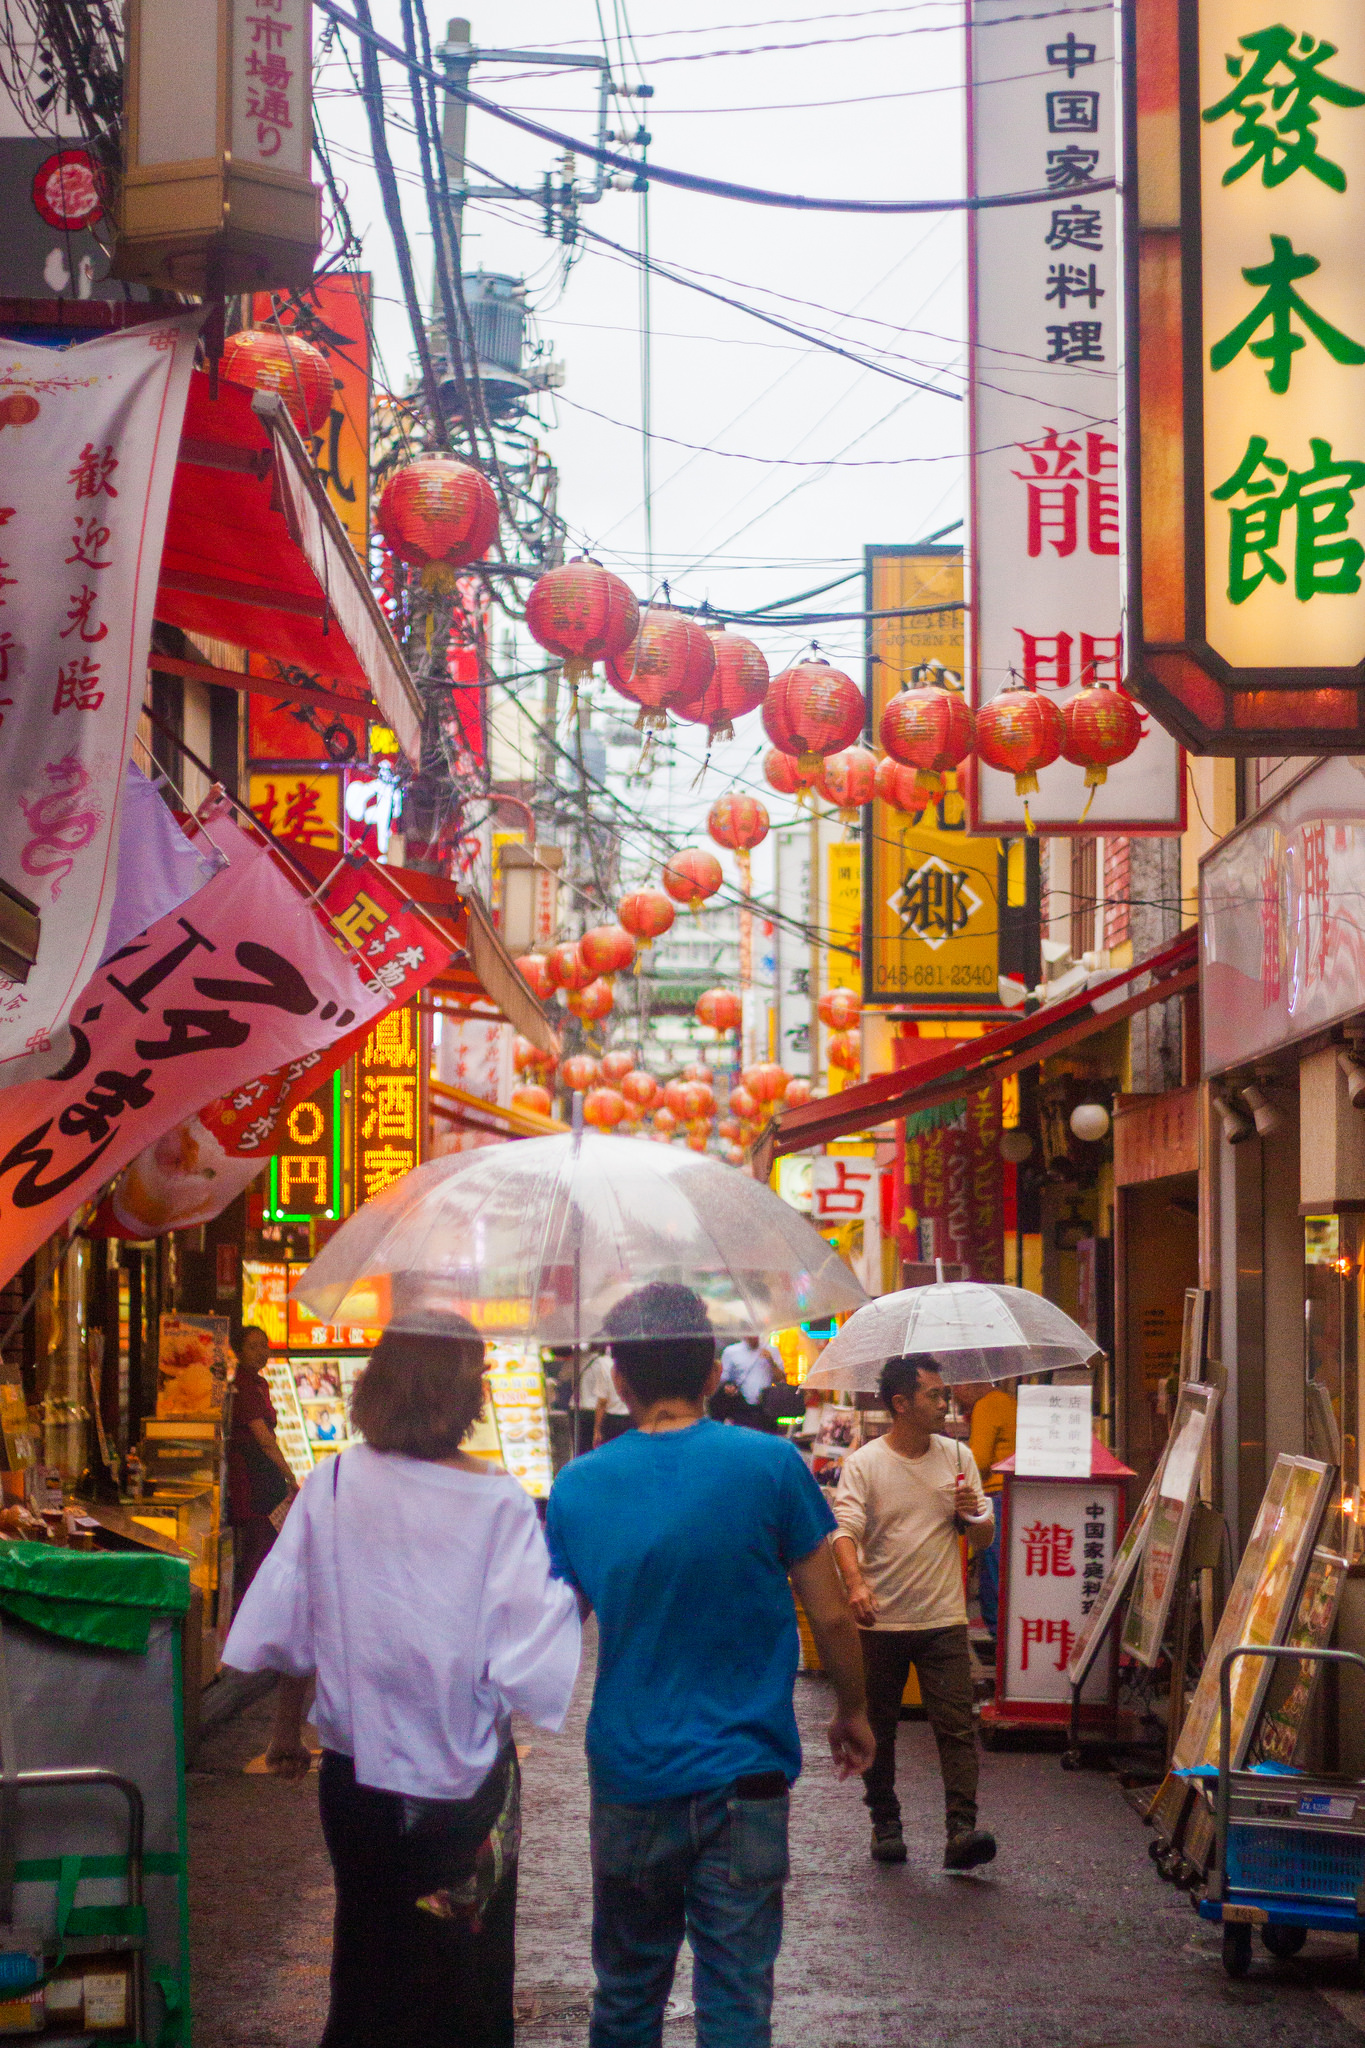 Guide to Yokohama's Chinatown